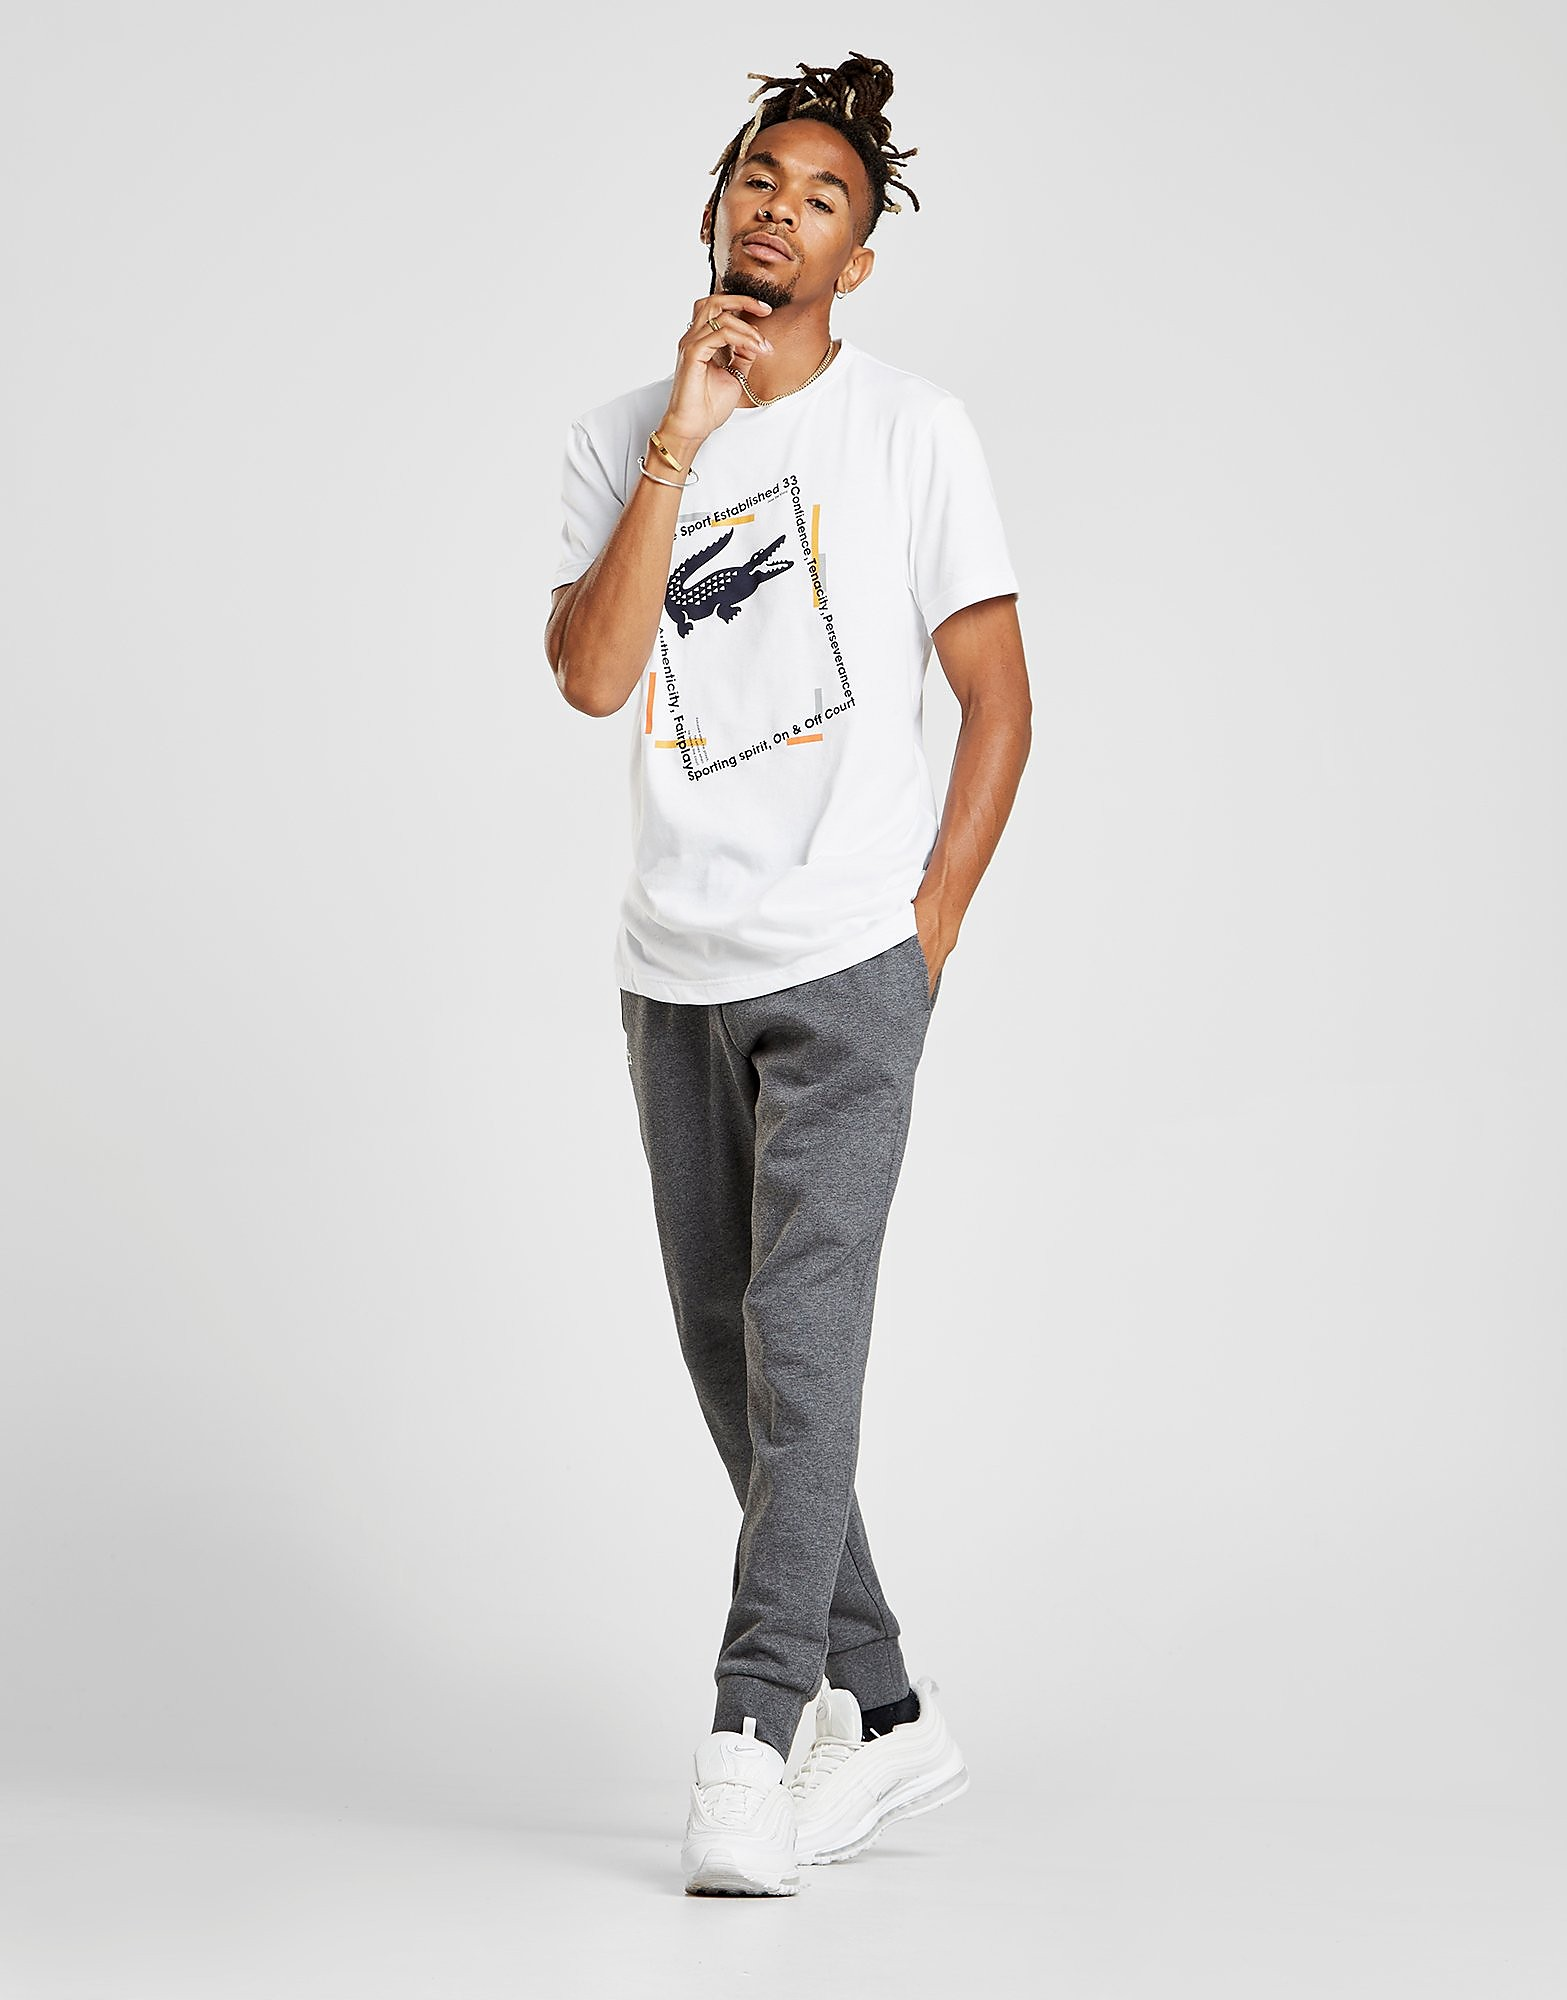 Lacoste T-shirt Croc Box Homme